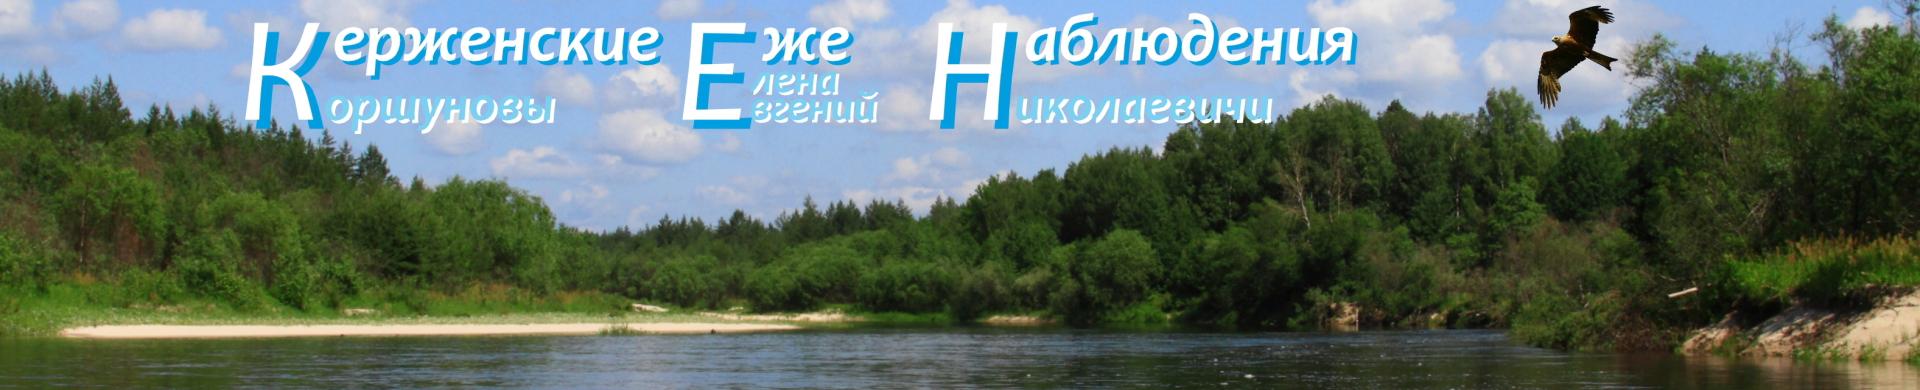 Керженские Еже Наблюдения